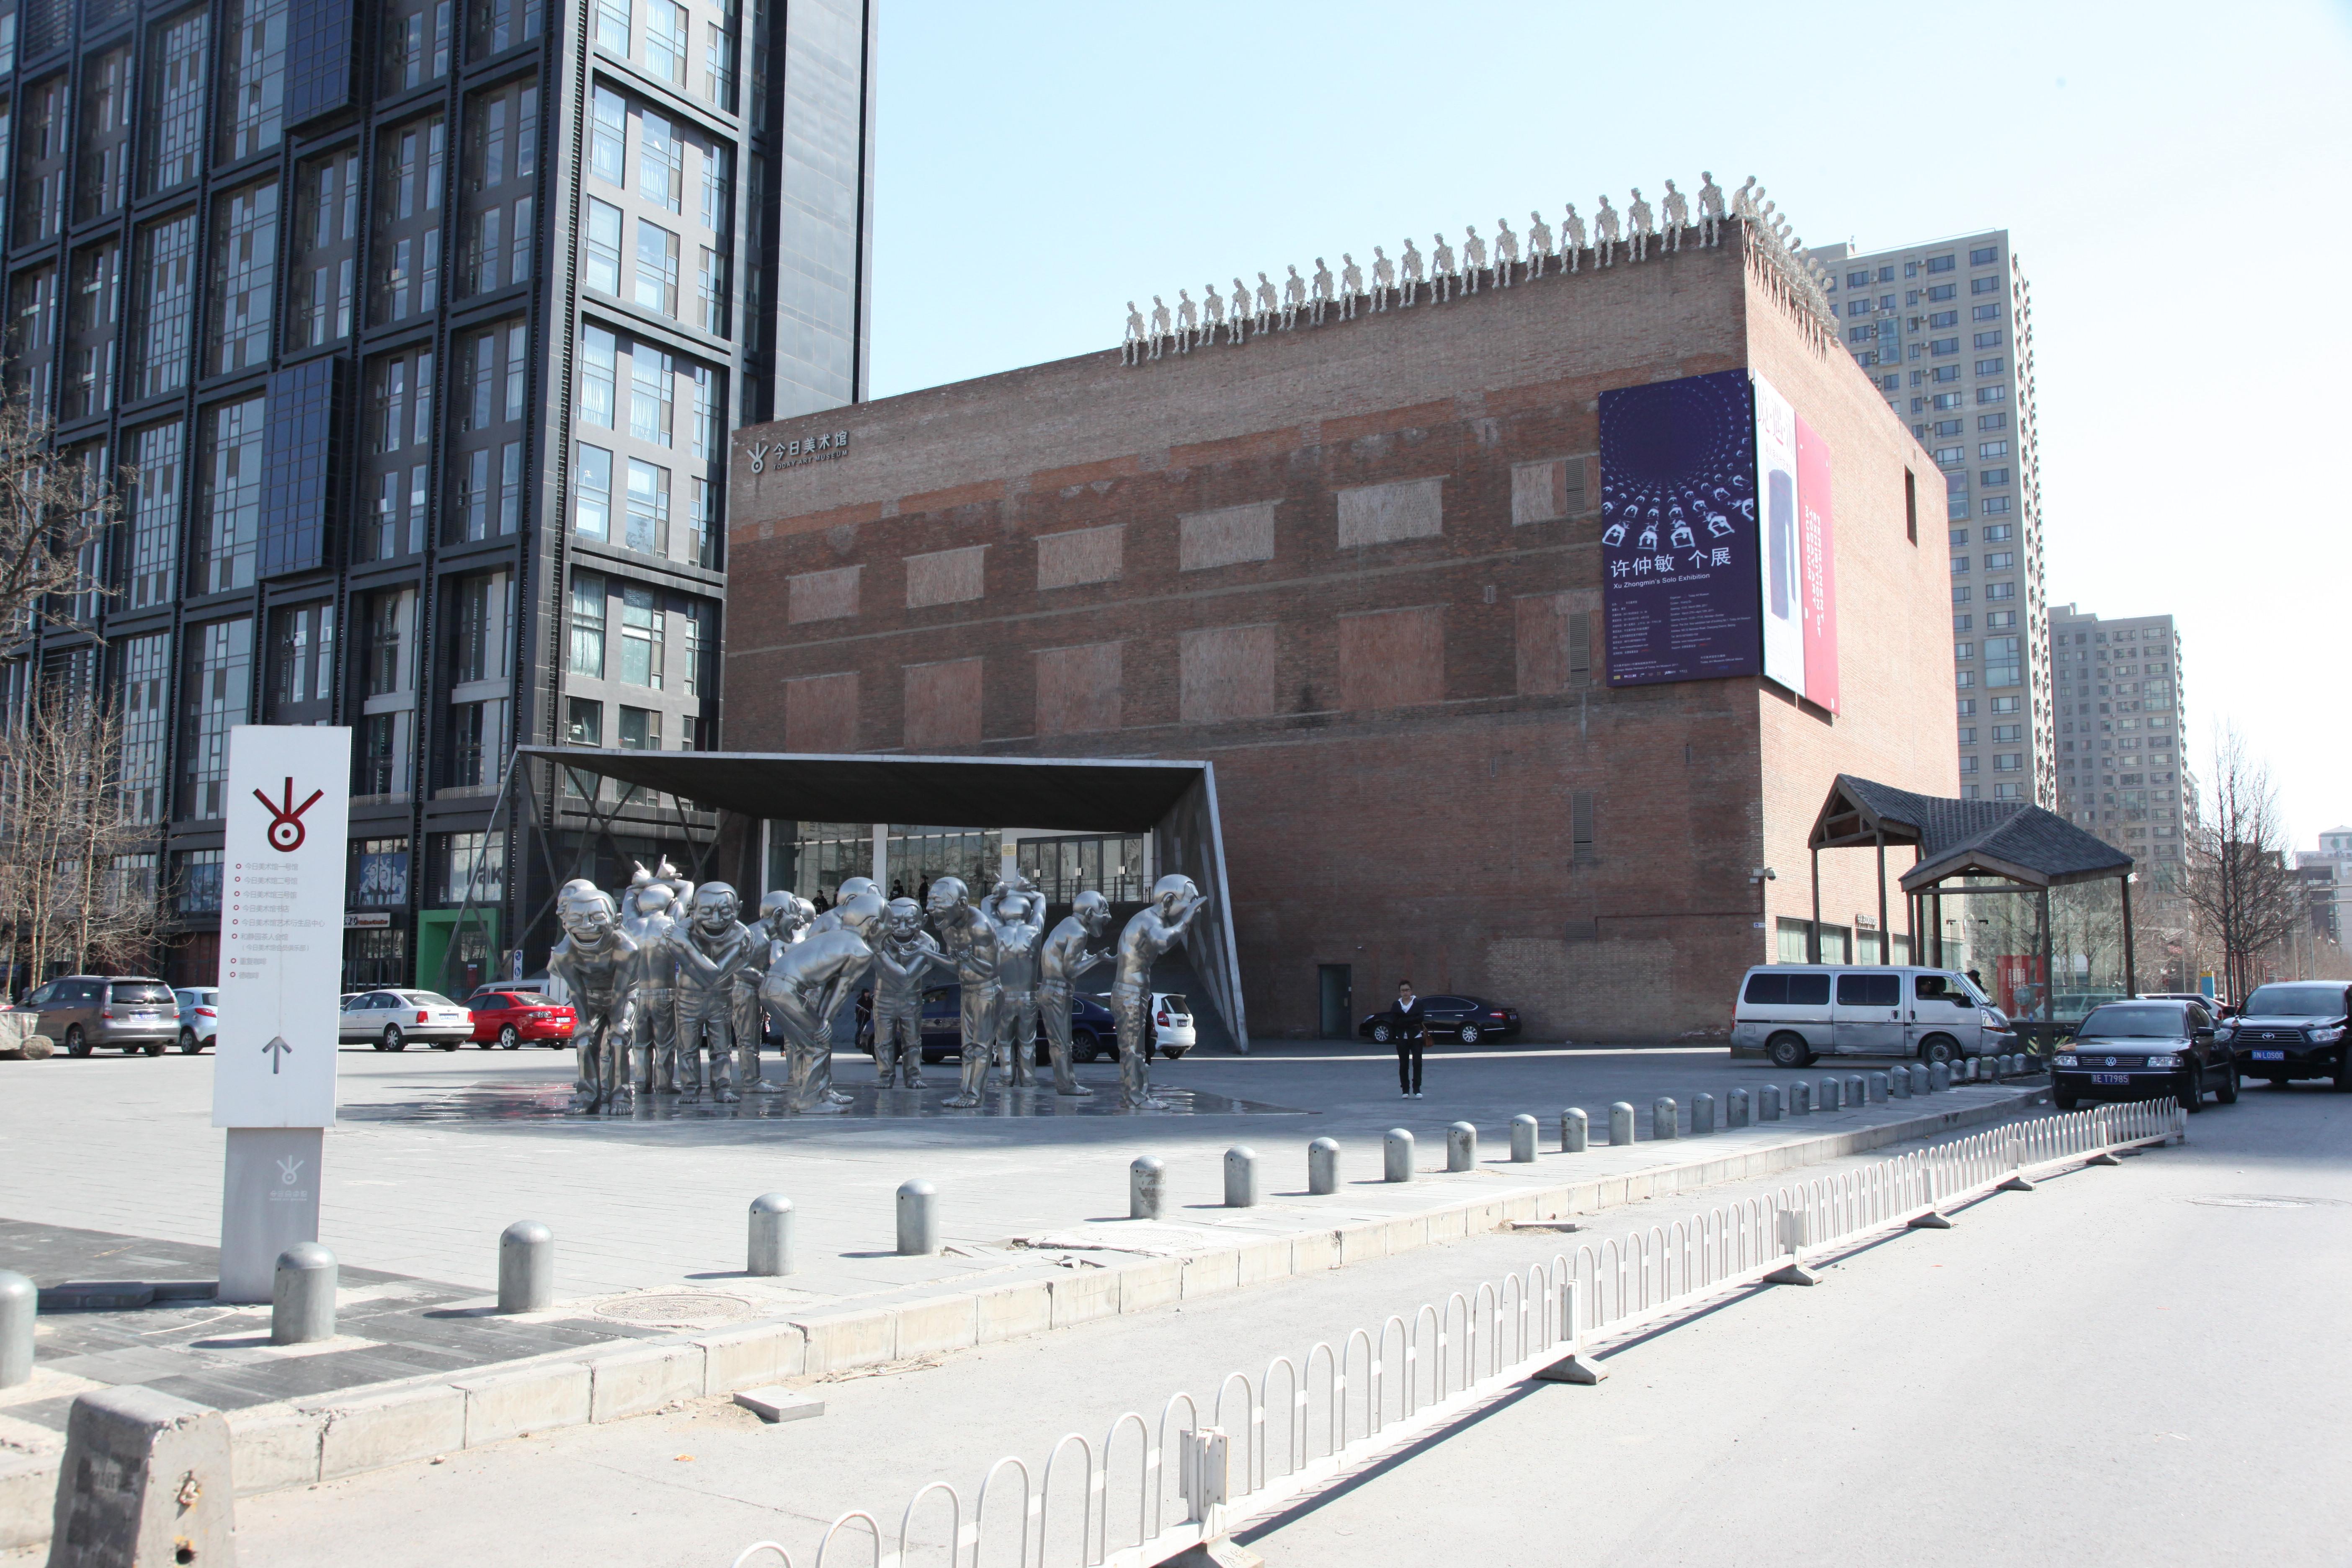 场景_个展·中国-2011 北京_今日美术馆_0018